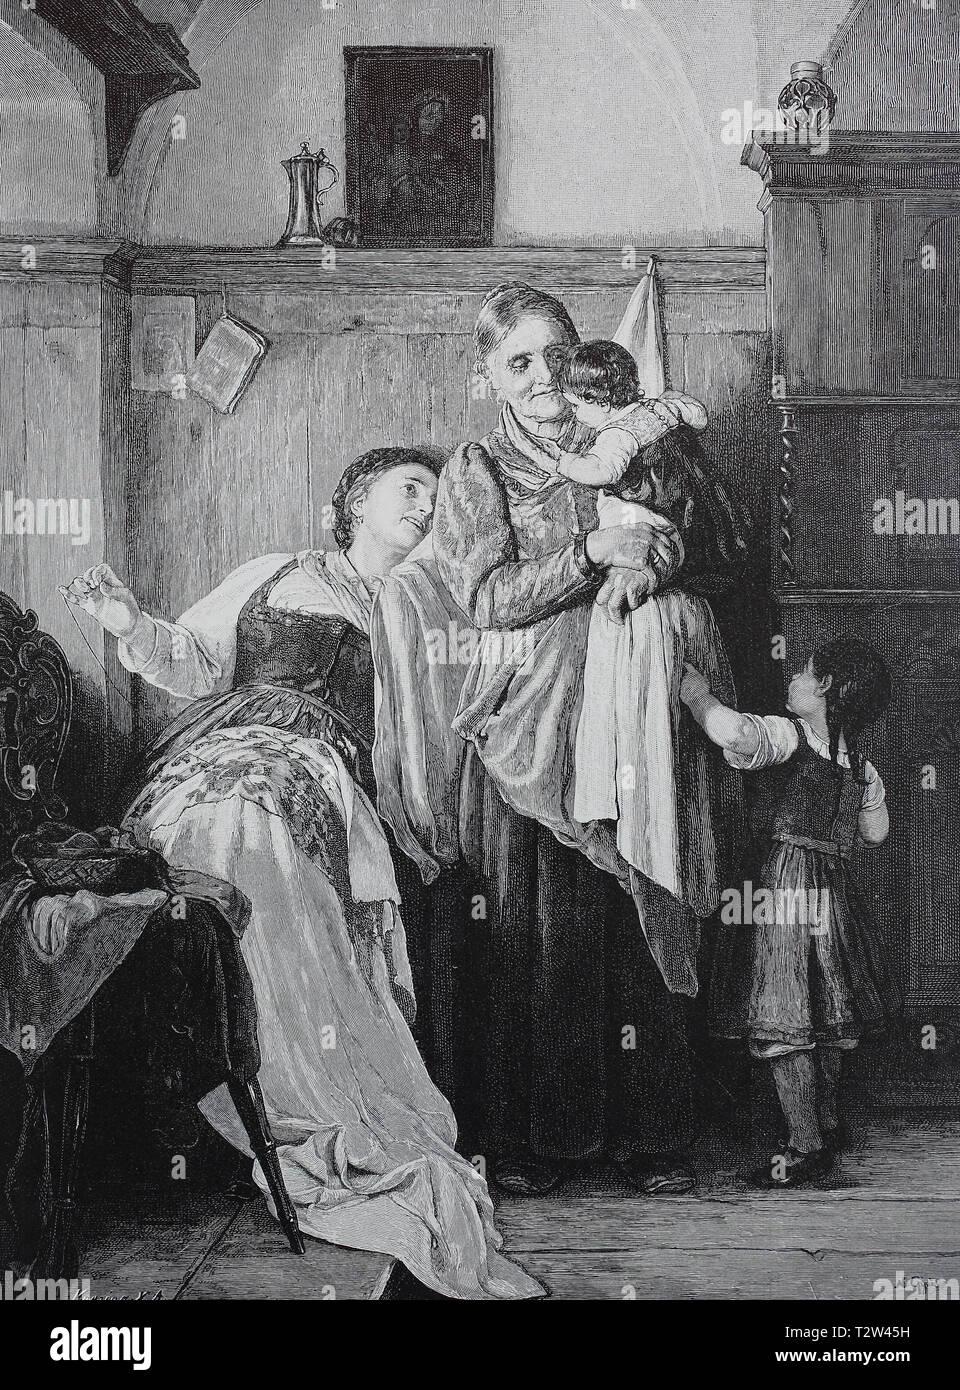 Grandmother, mother and two children in the room, the mother tries to hide playfully, Großmutter, Mutter und zwei Kinder im Zimmer, die Mutter versucht sich spielerisch zu verstecken - Stock Image